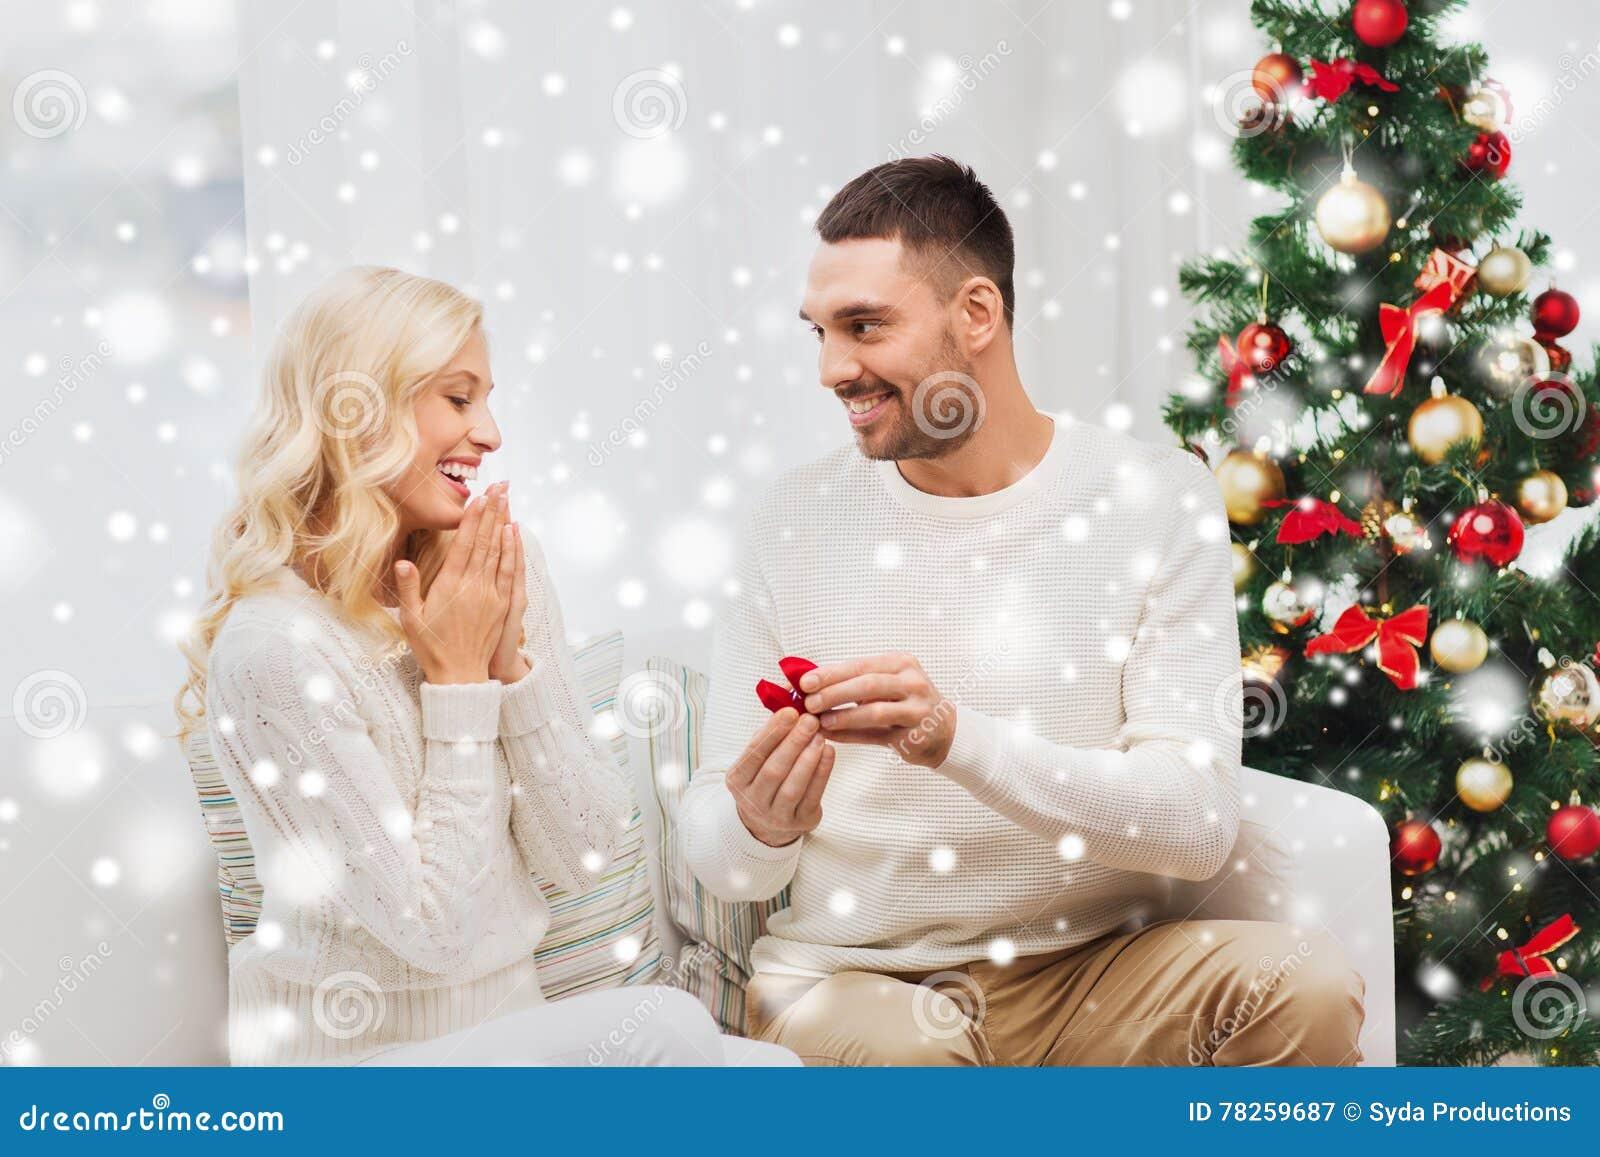 Άνδρας που δίνει το δαχτυλίδι αρραβώνων γυναικών για τα Χριστούγεννα